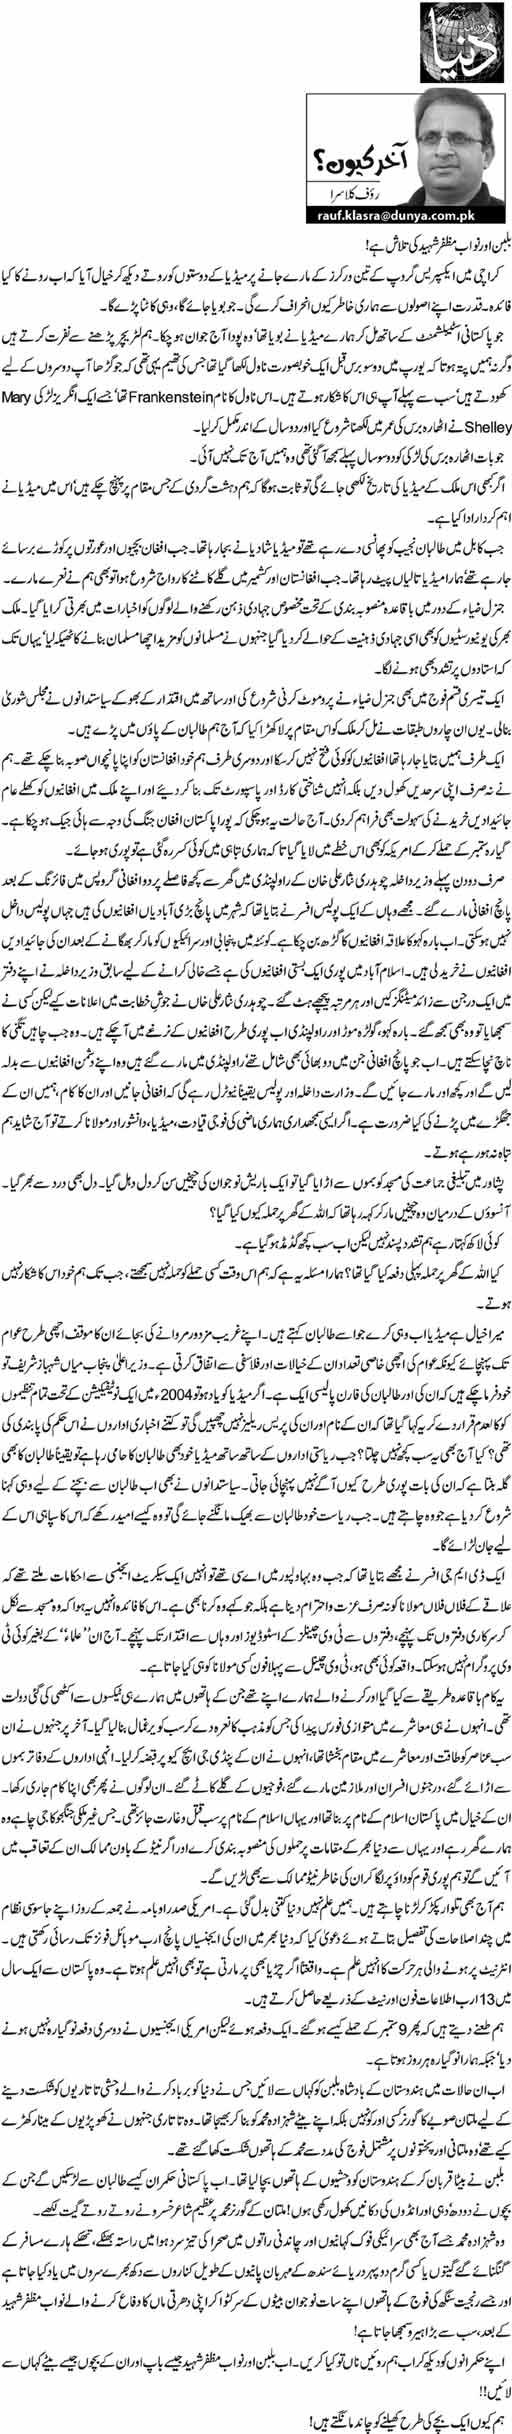 Nawab Muzaffar Shaheed Ki Talash Hai! - Rauf Klasra